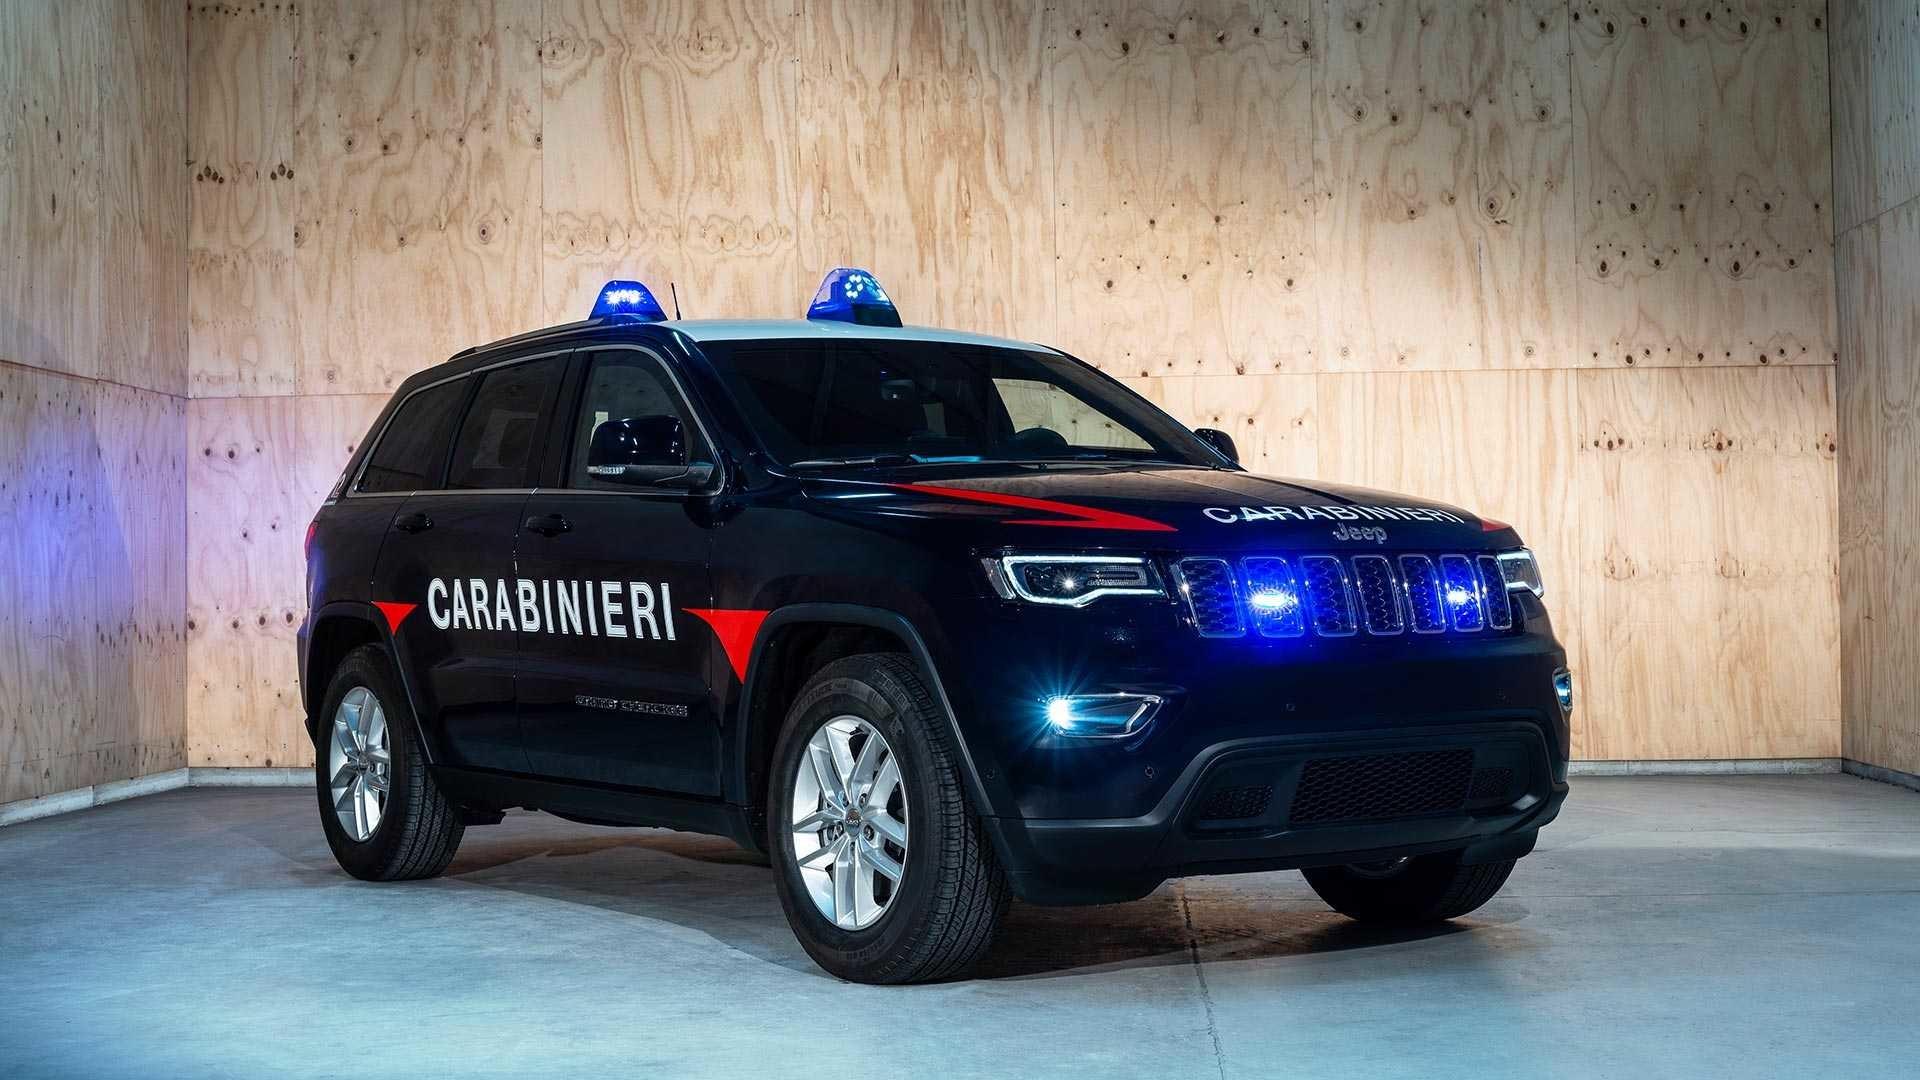 Foto de Jeep Grand Cherokee Carabinieri (15/15)